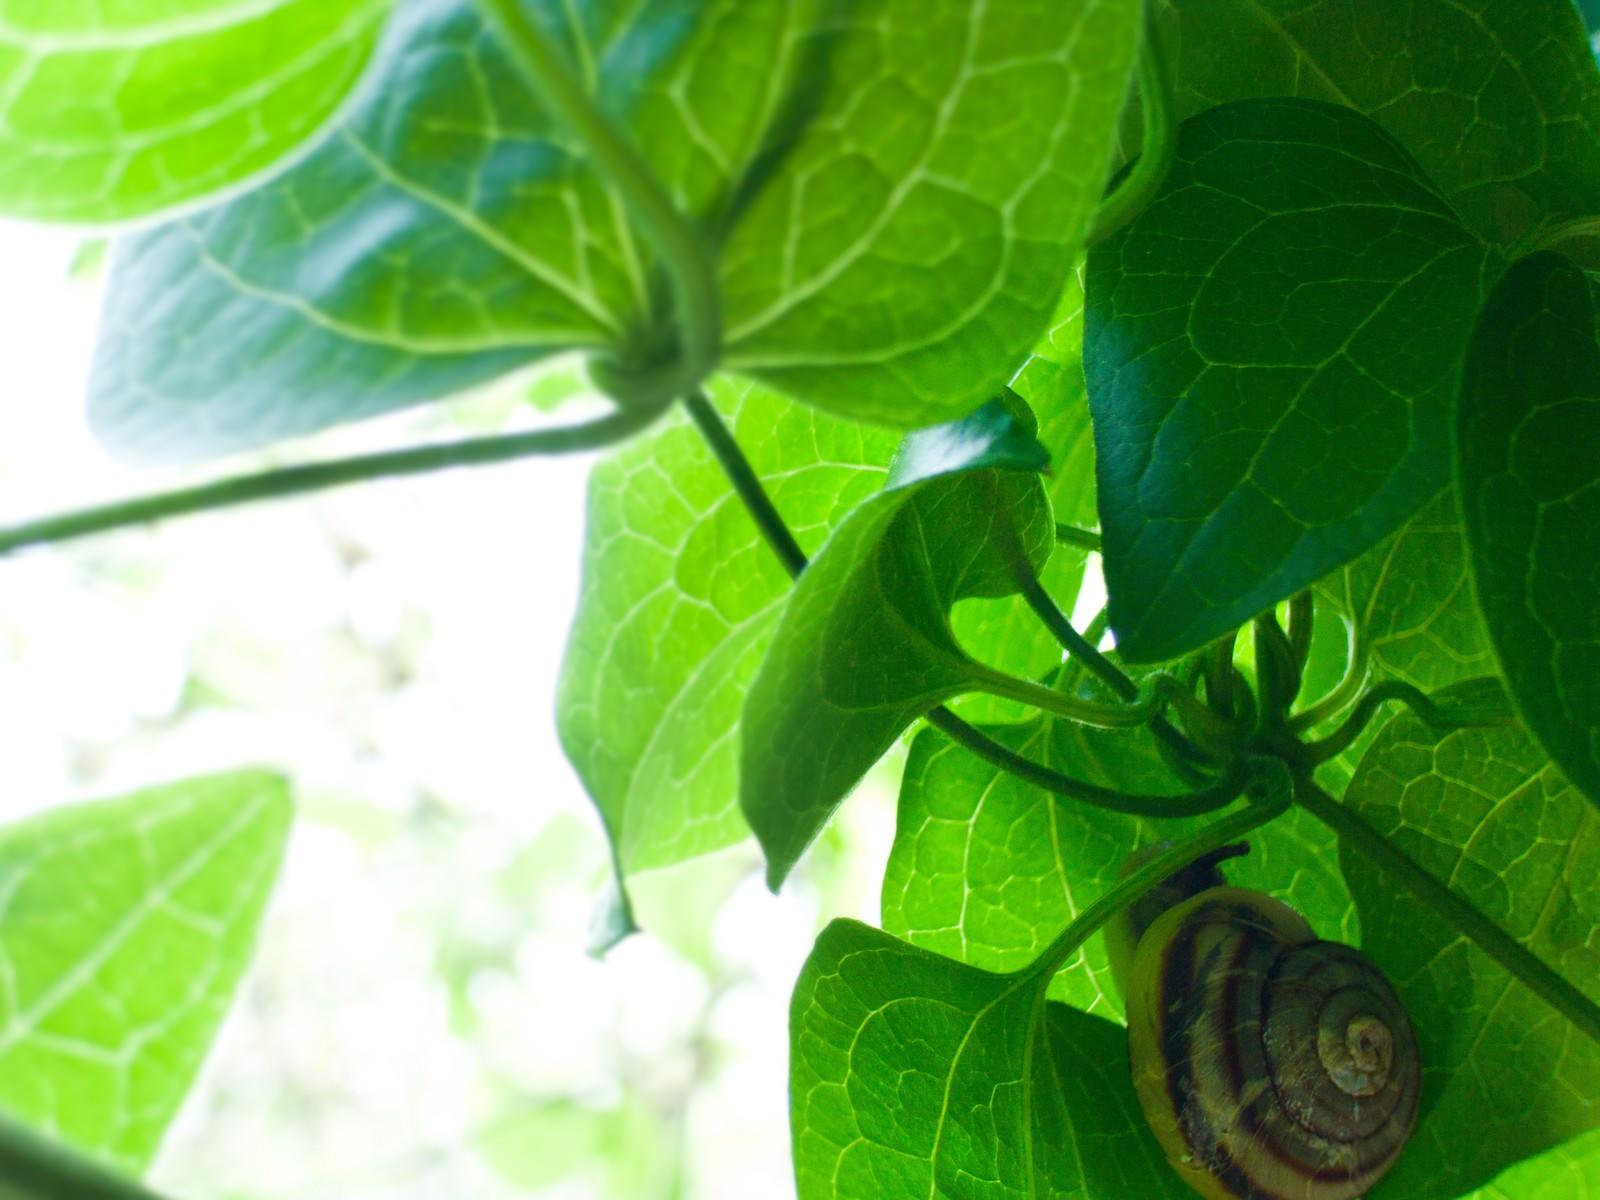 「葉っぱの裏側」の写真